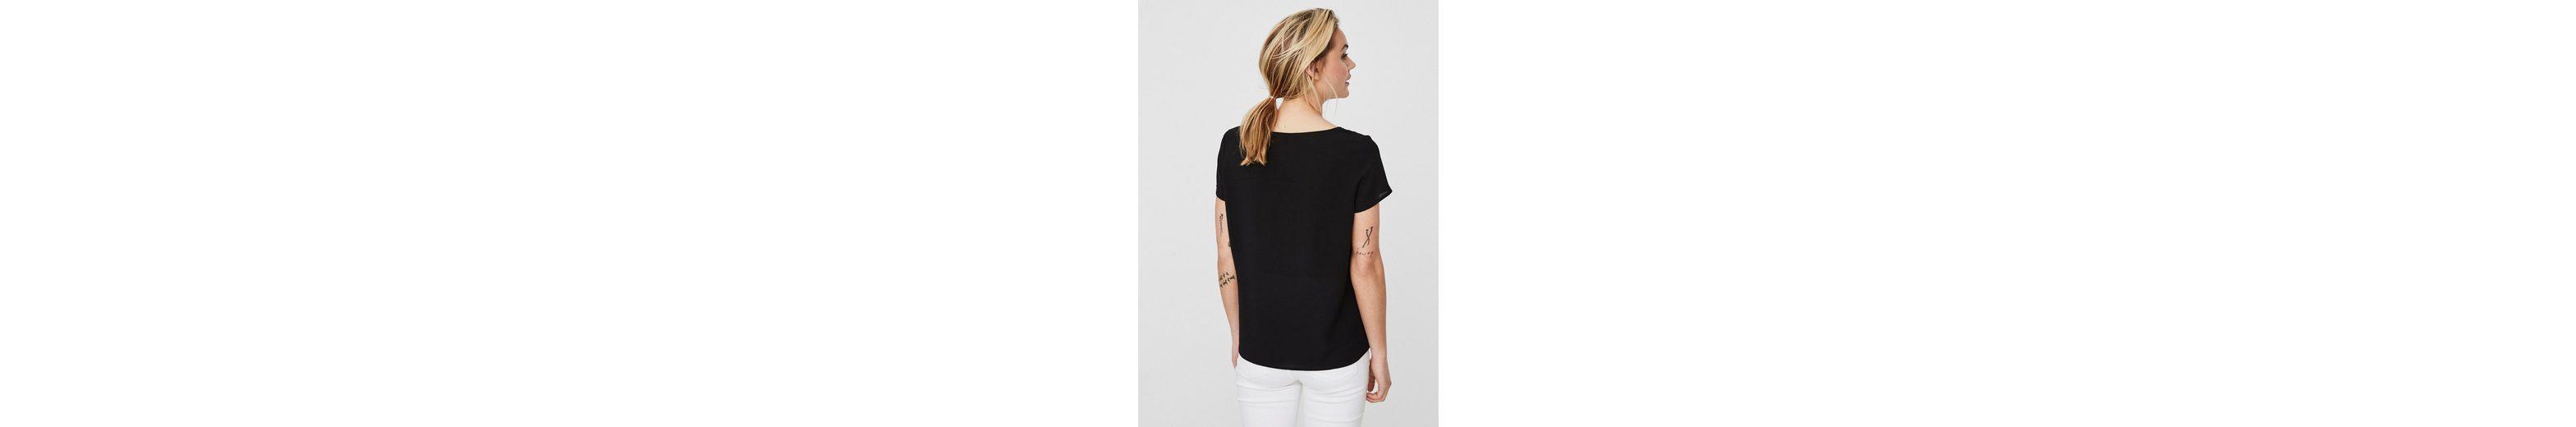 Perfekt Perfekt Vero Moda Shirtbluse SASHA Günstig Kaufen Shop Bilder Zum Verkauf R3bLa